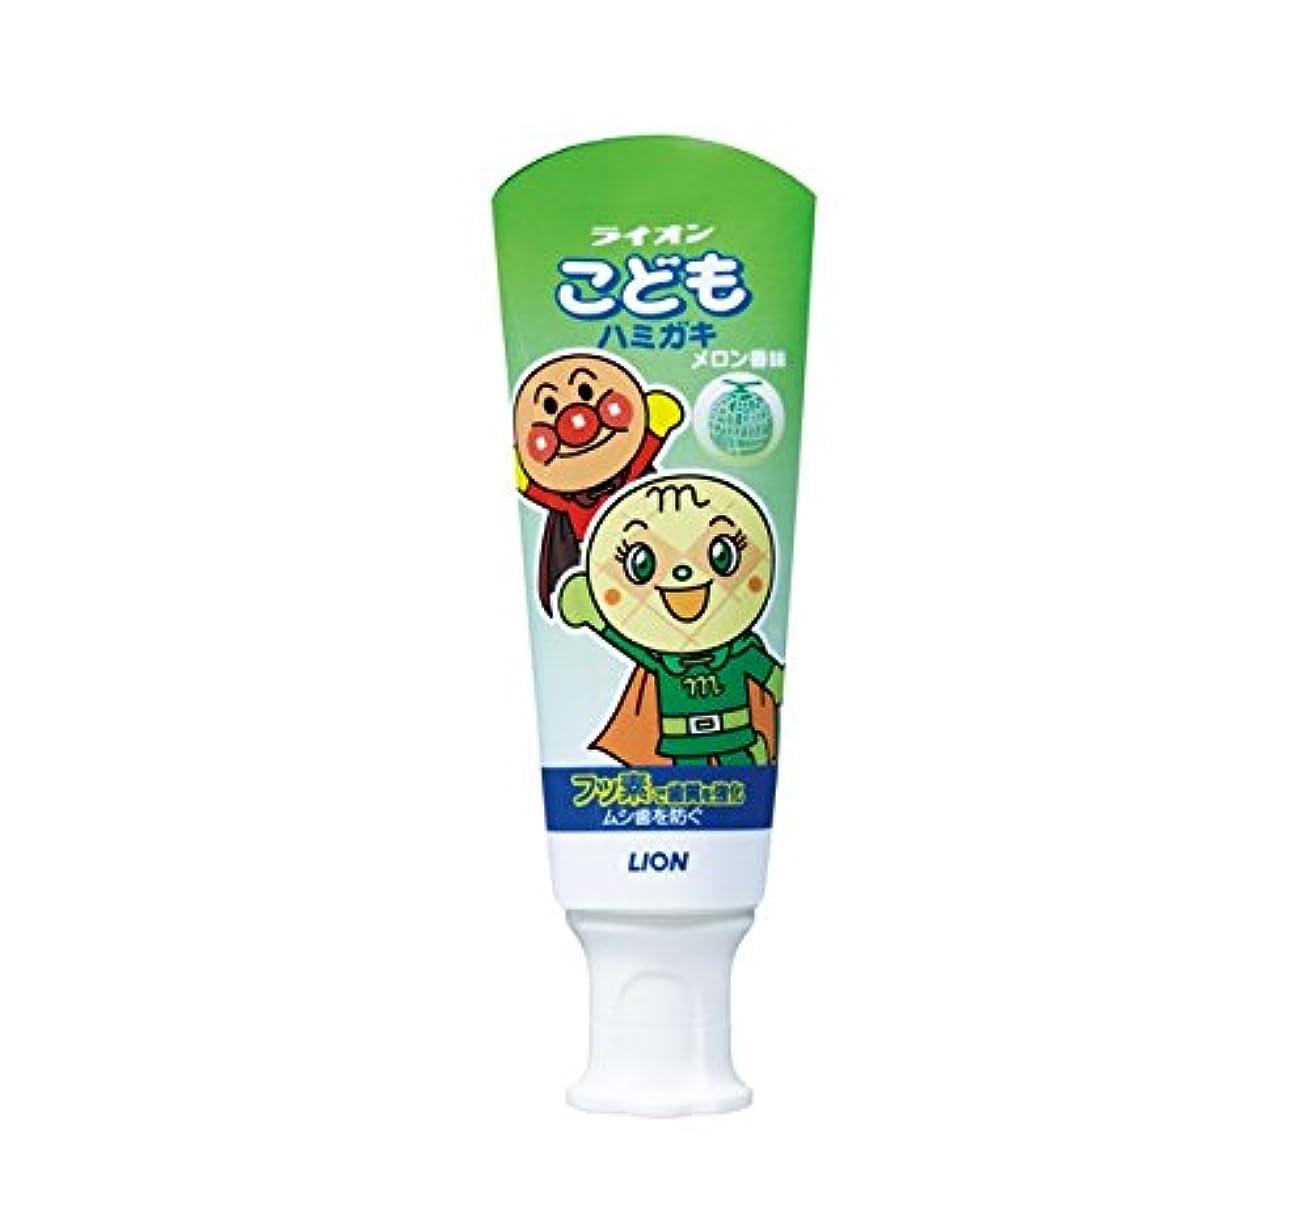 大量パドル硫黄こどもハミガキ アンパンマン メロン香味 40g (医薬部外品)